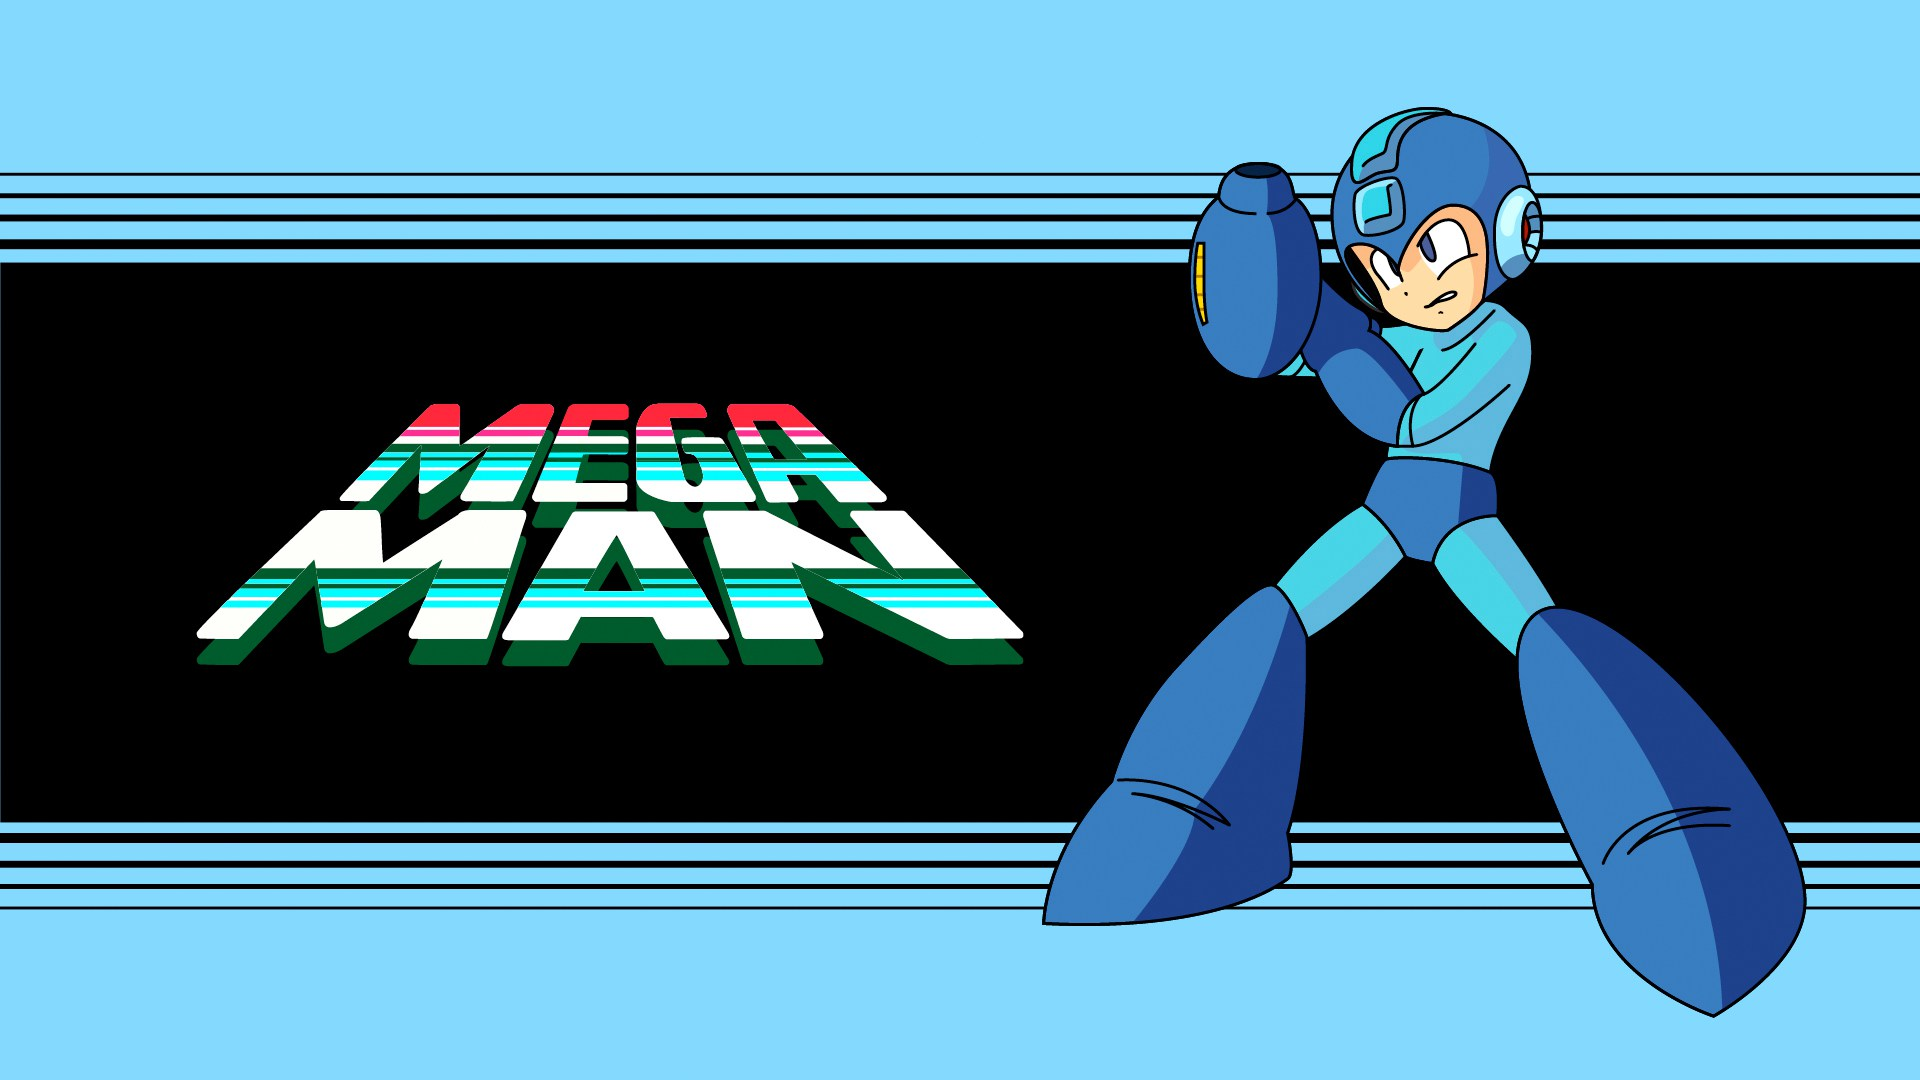 Mega Man tendrá una presentación especial por su 30 aniversario